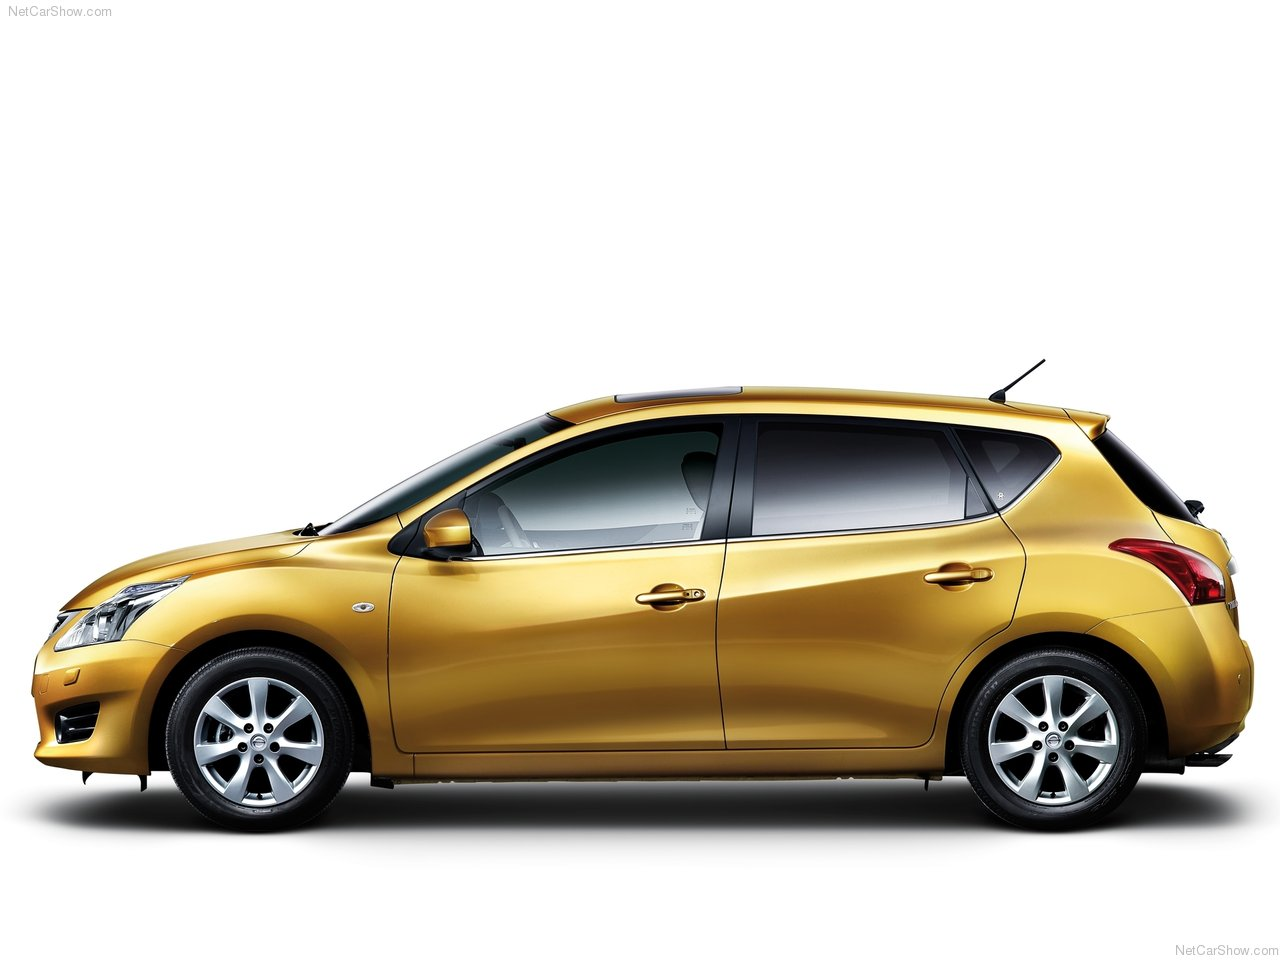 http://2.bp.blogspot.com/-REQZtzxJ5Mk/Ta1ZNmXU6GI/AAAAAAACM8o/peJeuiJ43kk/s1600/Nissan-Tiida_2012_1280x960_wallpaper_03.jpg